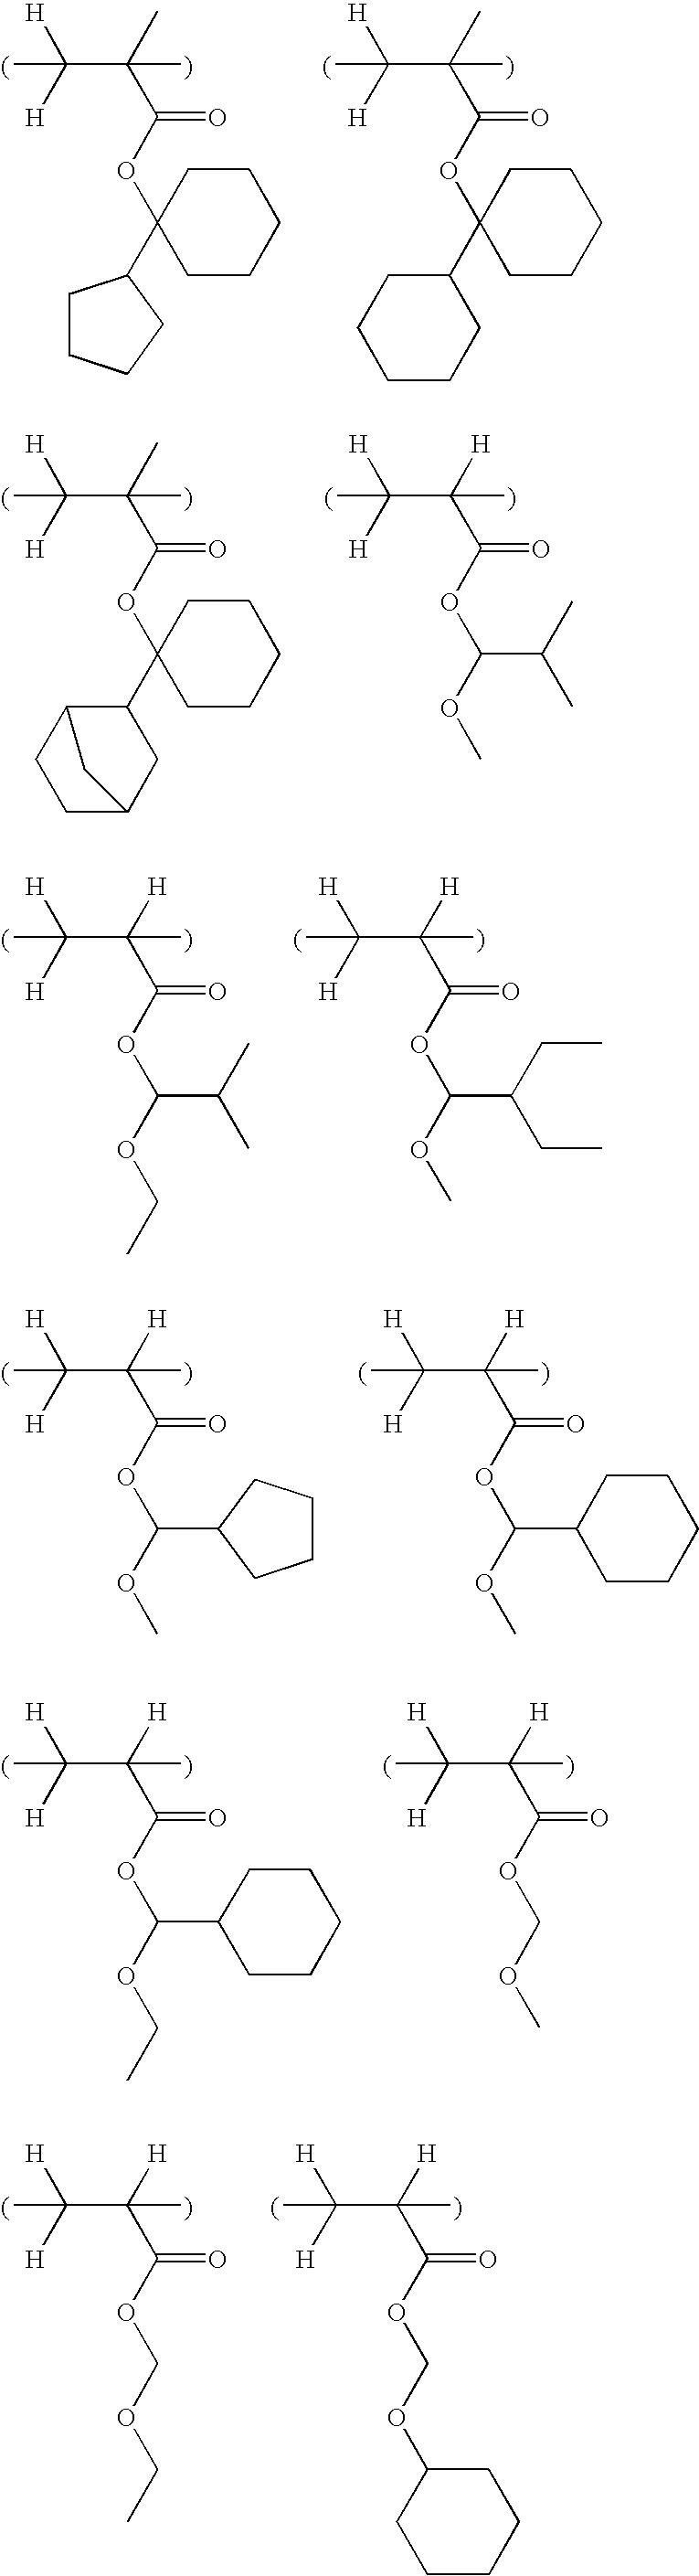 Figure US20090011365A1-20090108-C00066